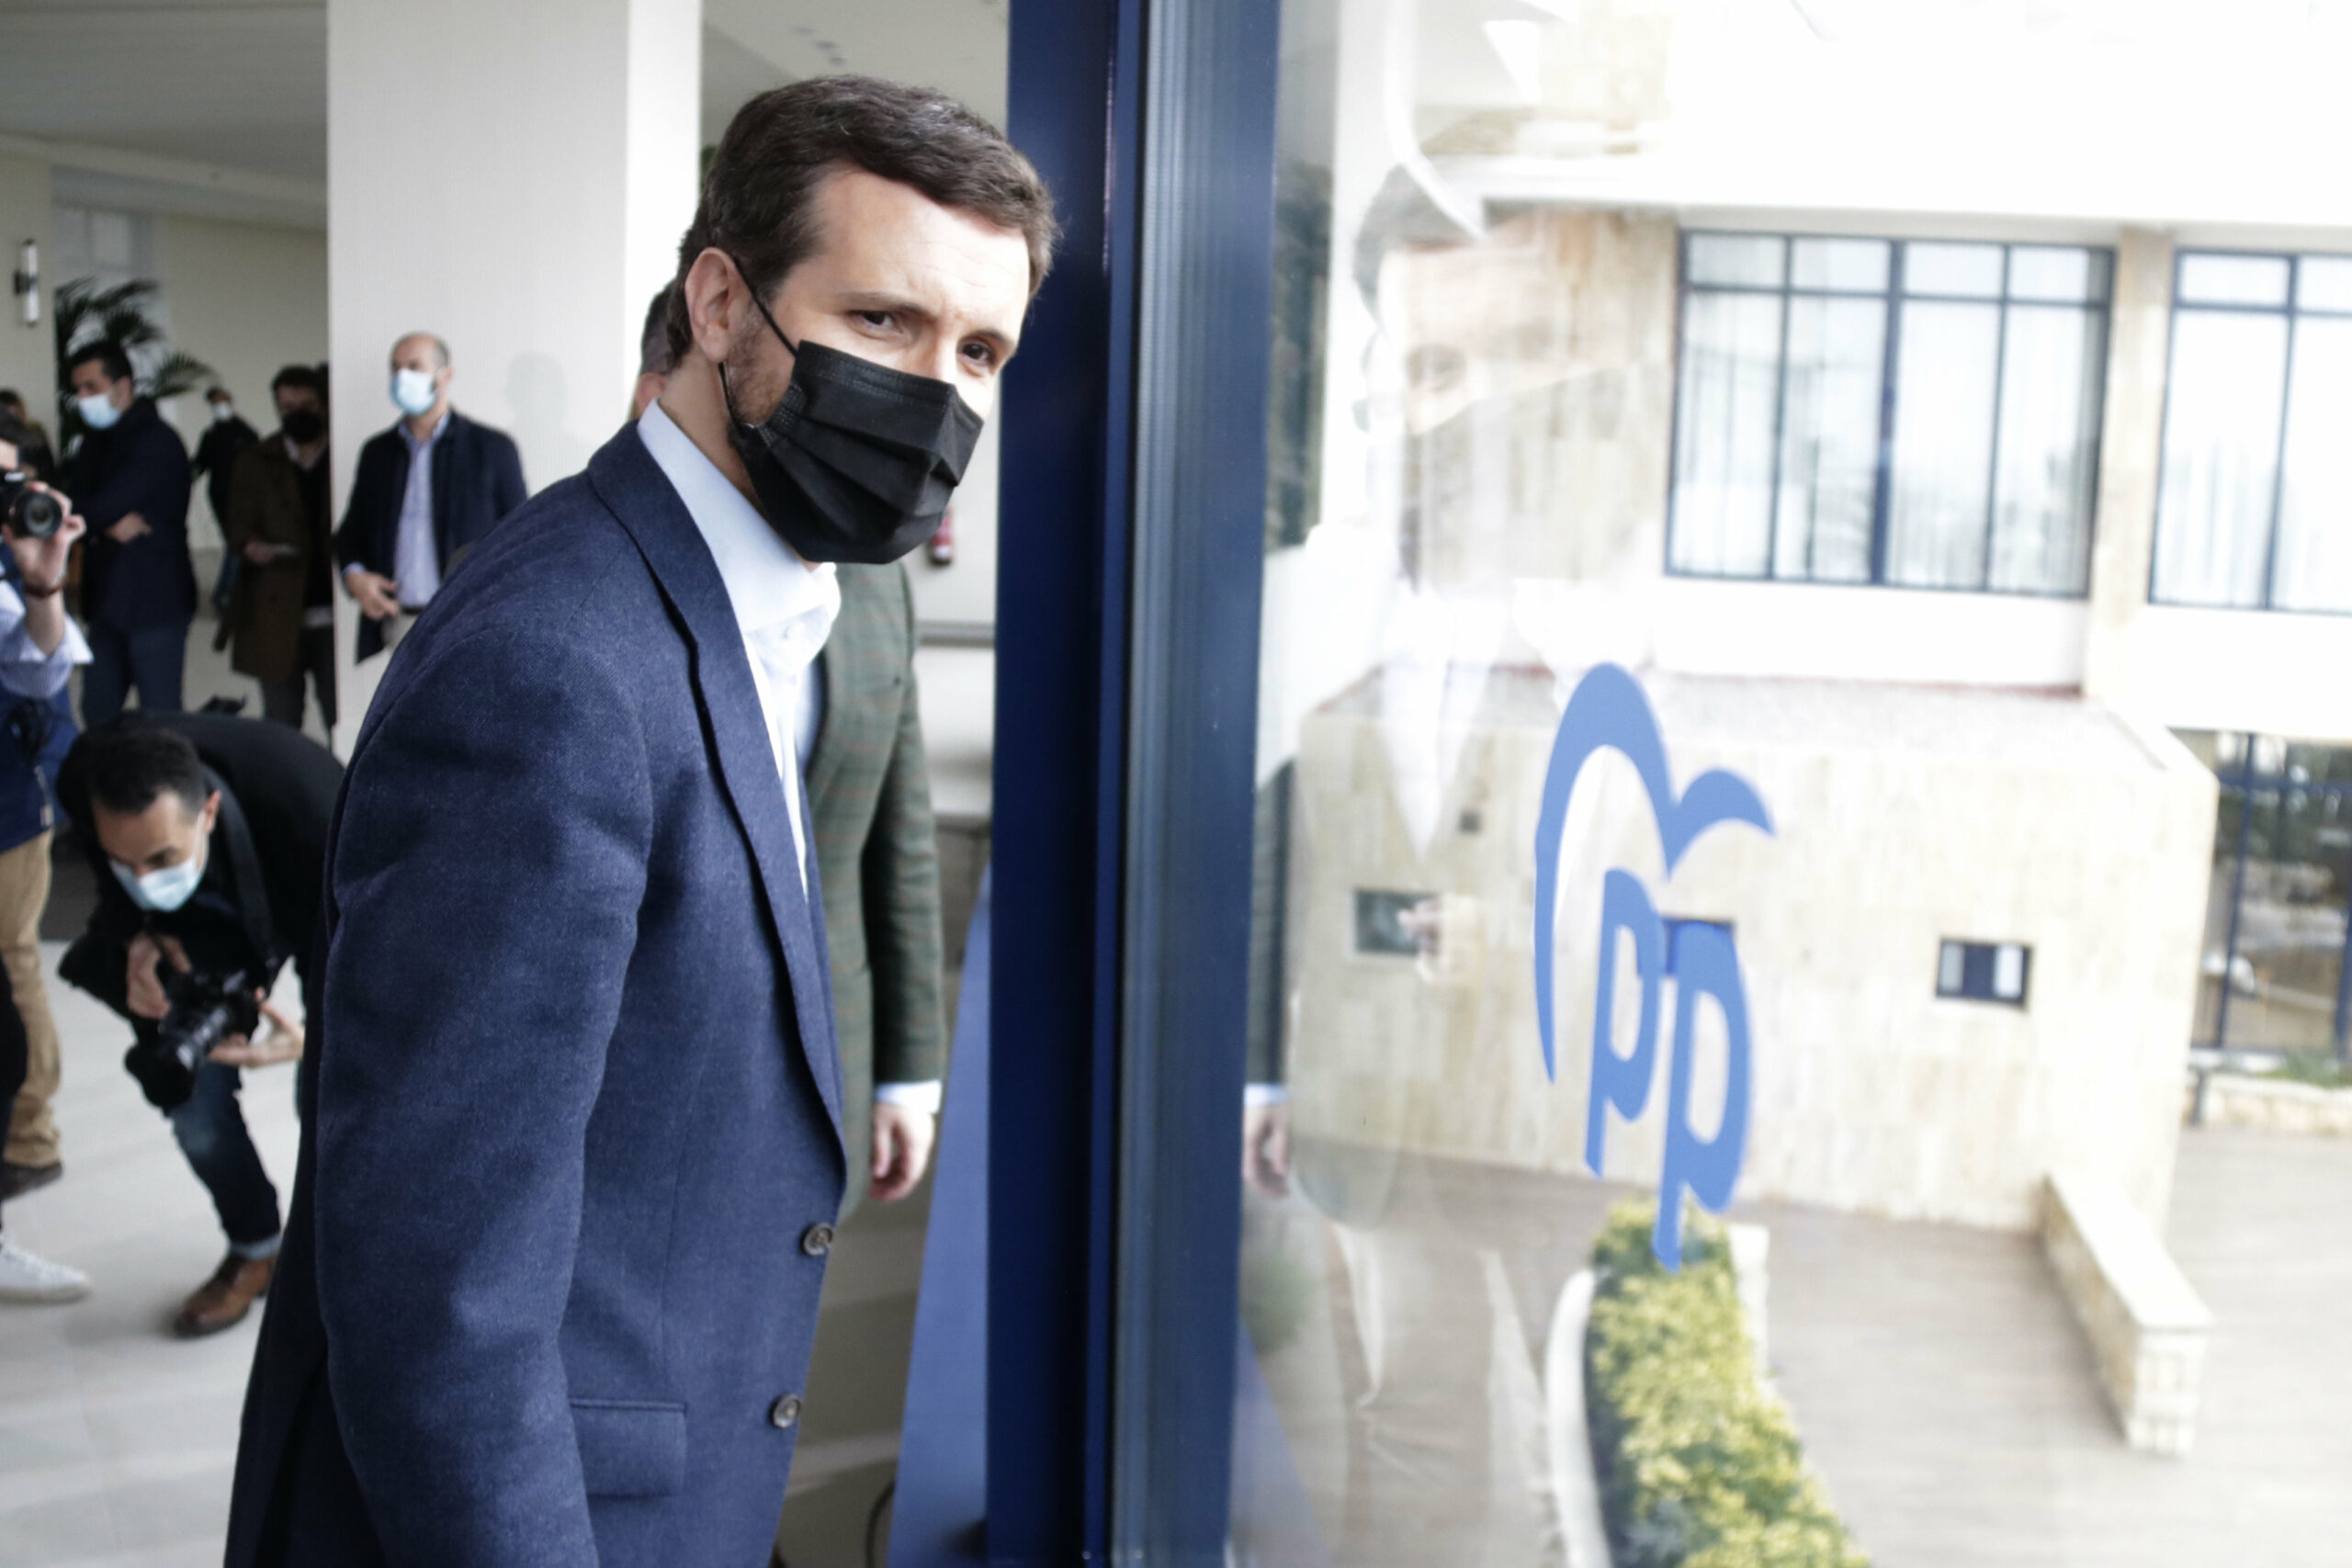 El president del PP, Pablo Casado, mira per una finestra durant un acte del PP a Tarragona | ACN